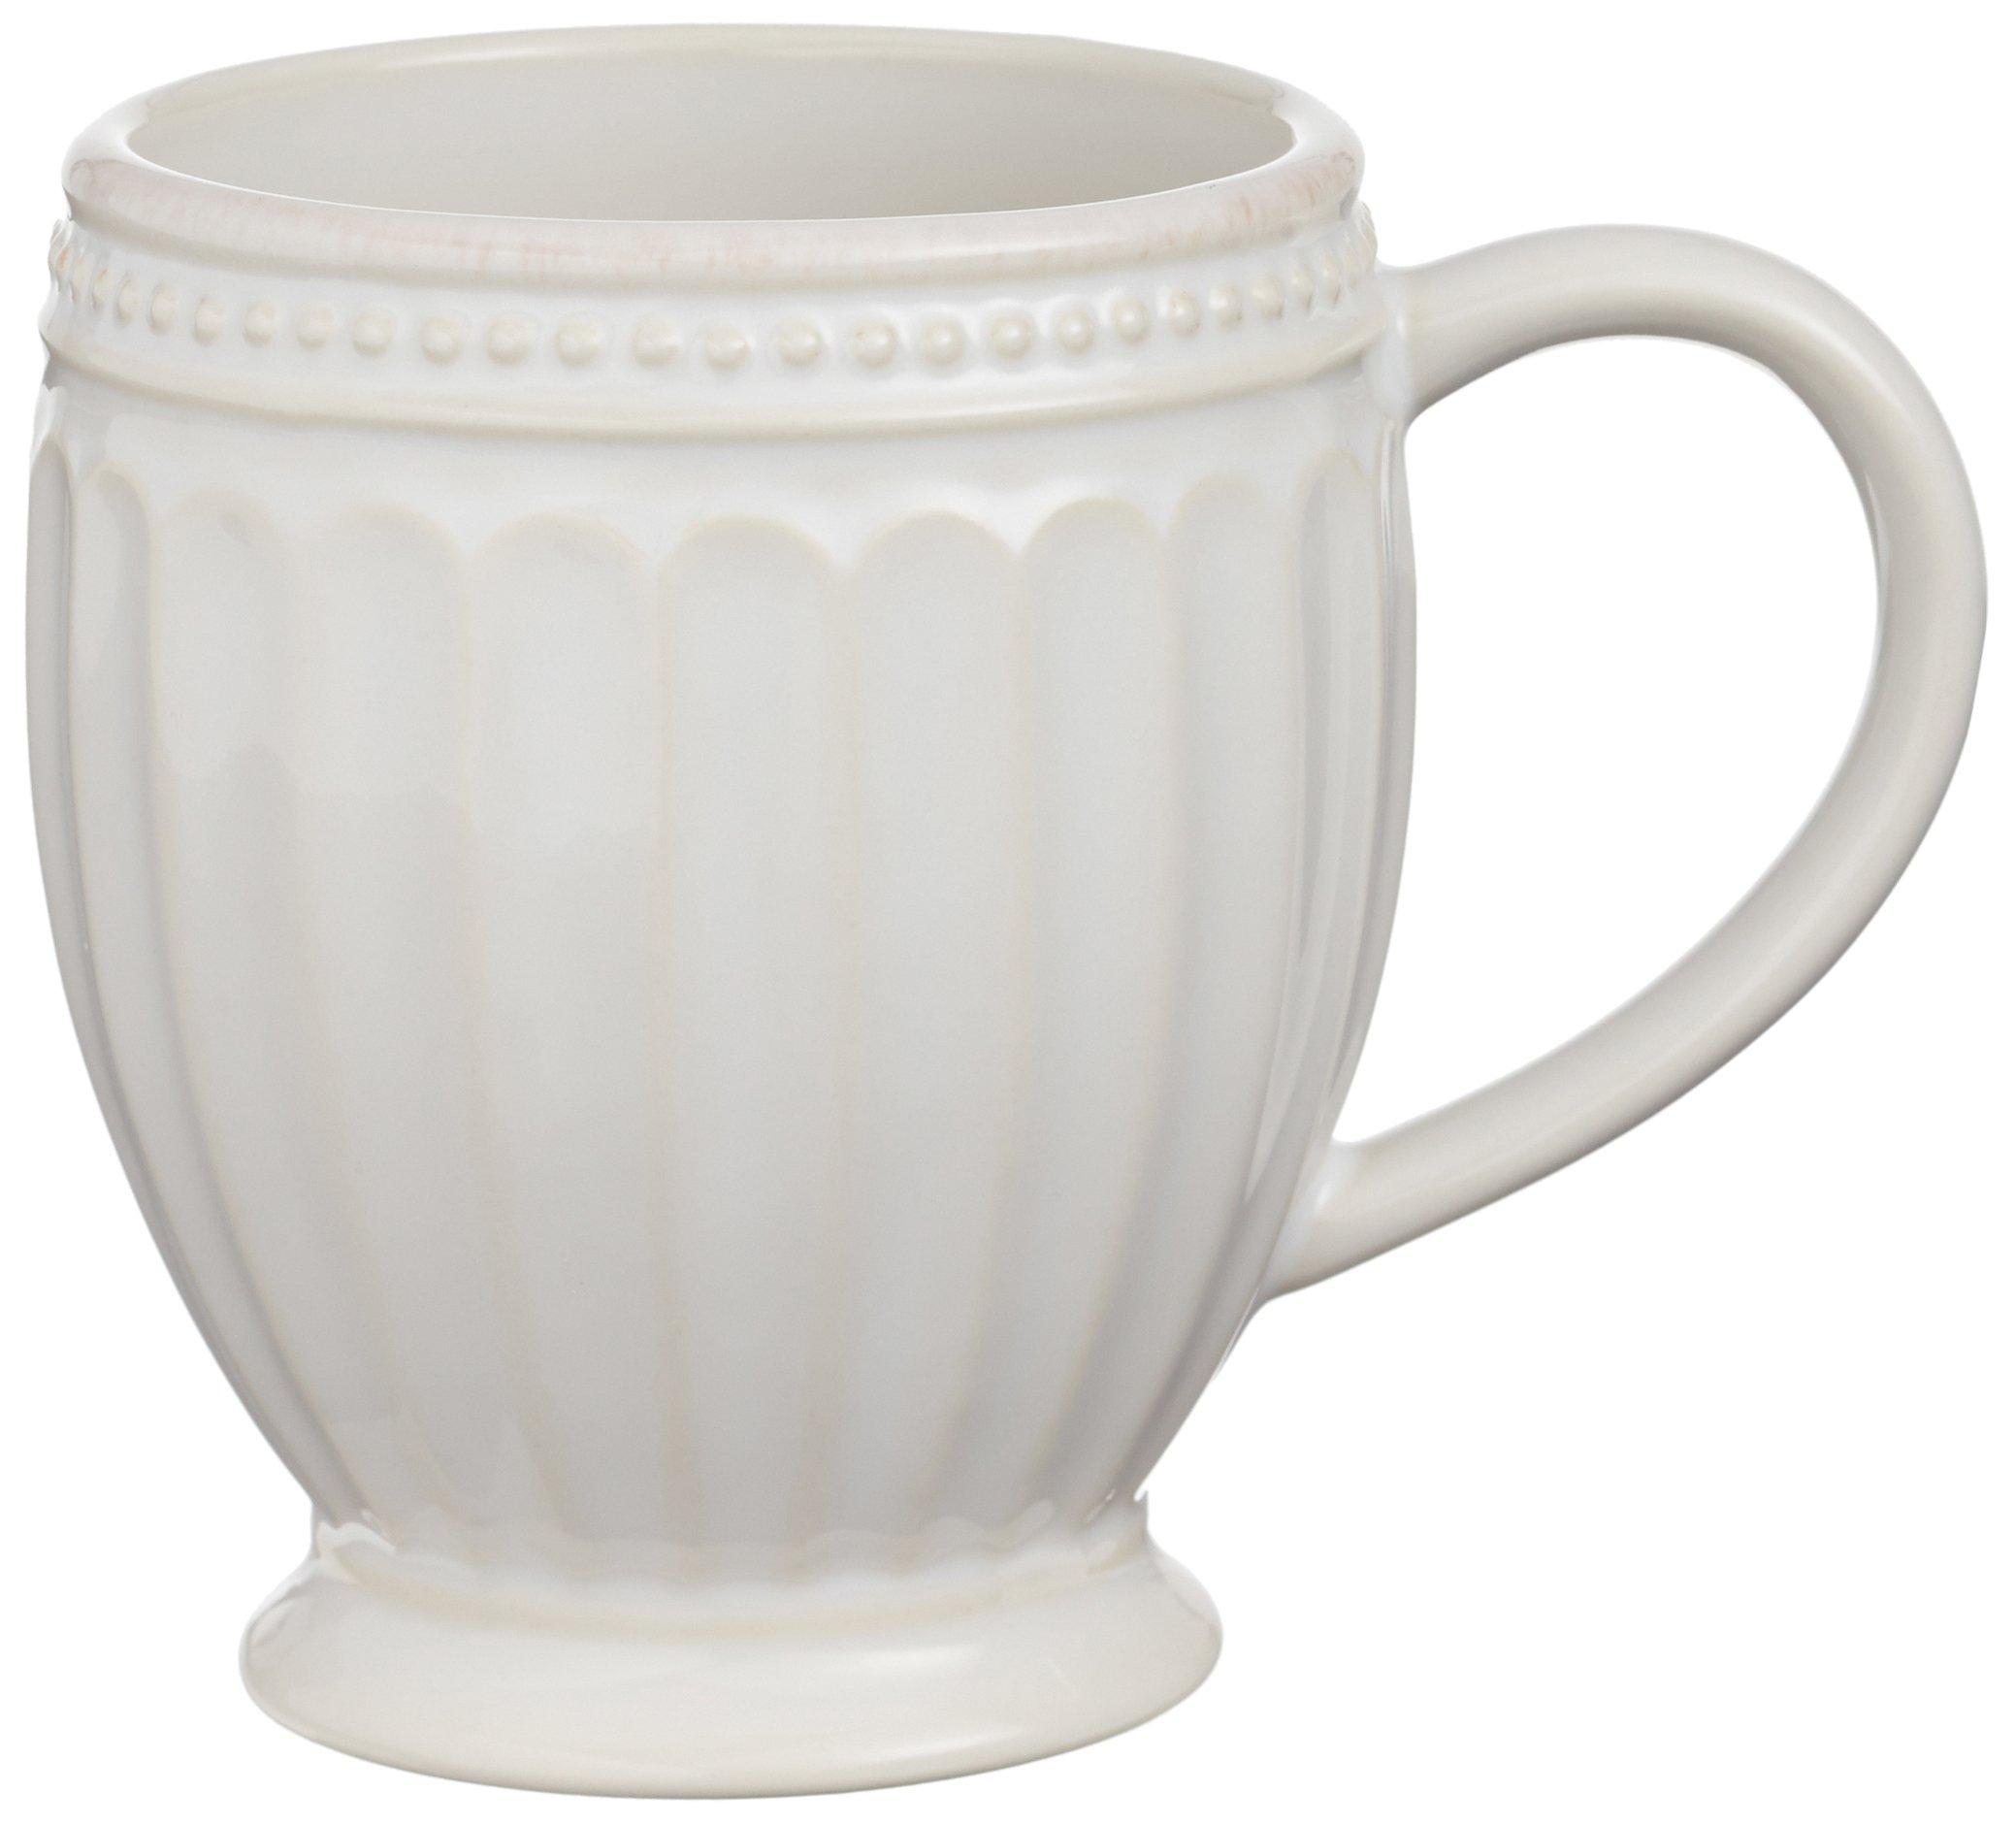 Lenox French Perle Everything Mug, White